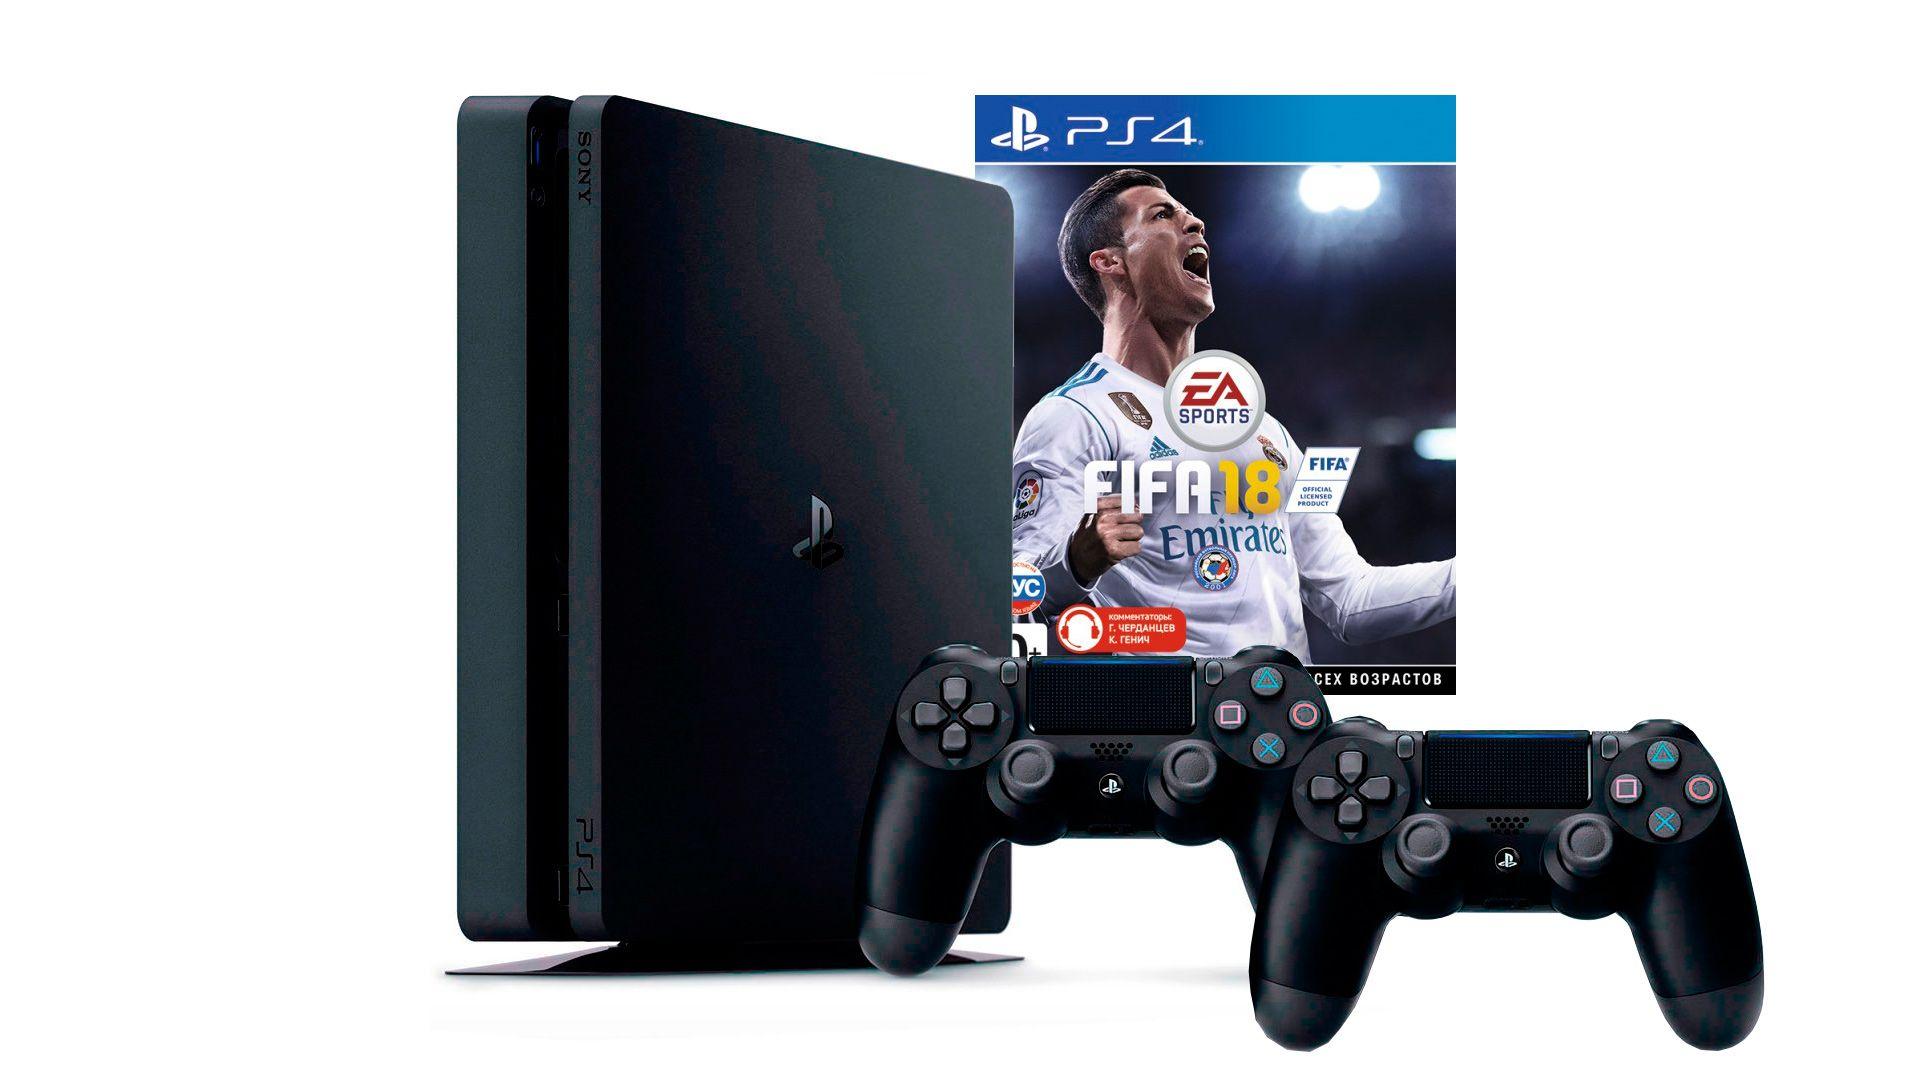 PlayStation 4 Slim 1Tb 2 джойстика, приставка и игра FIFA 18 [PS4S1J2F18]